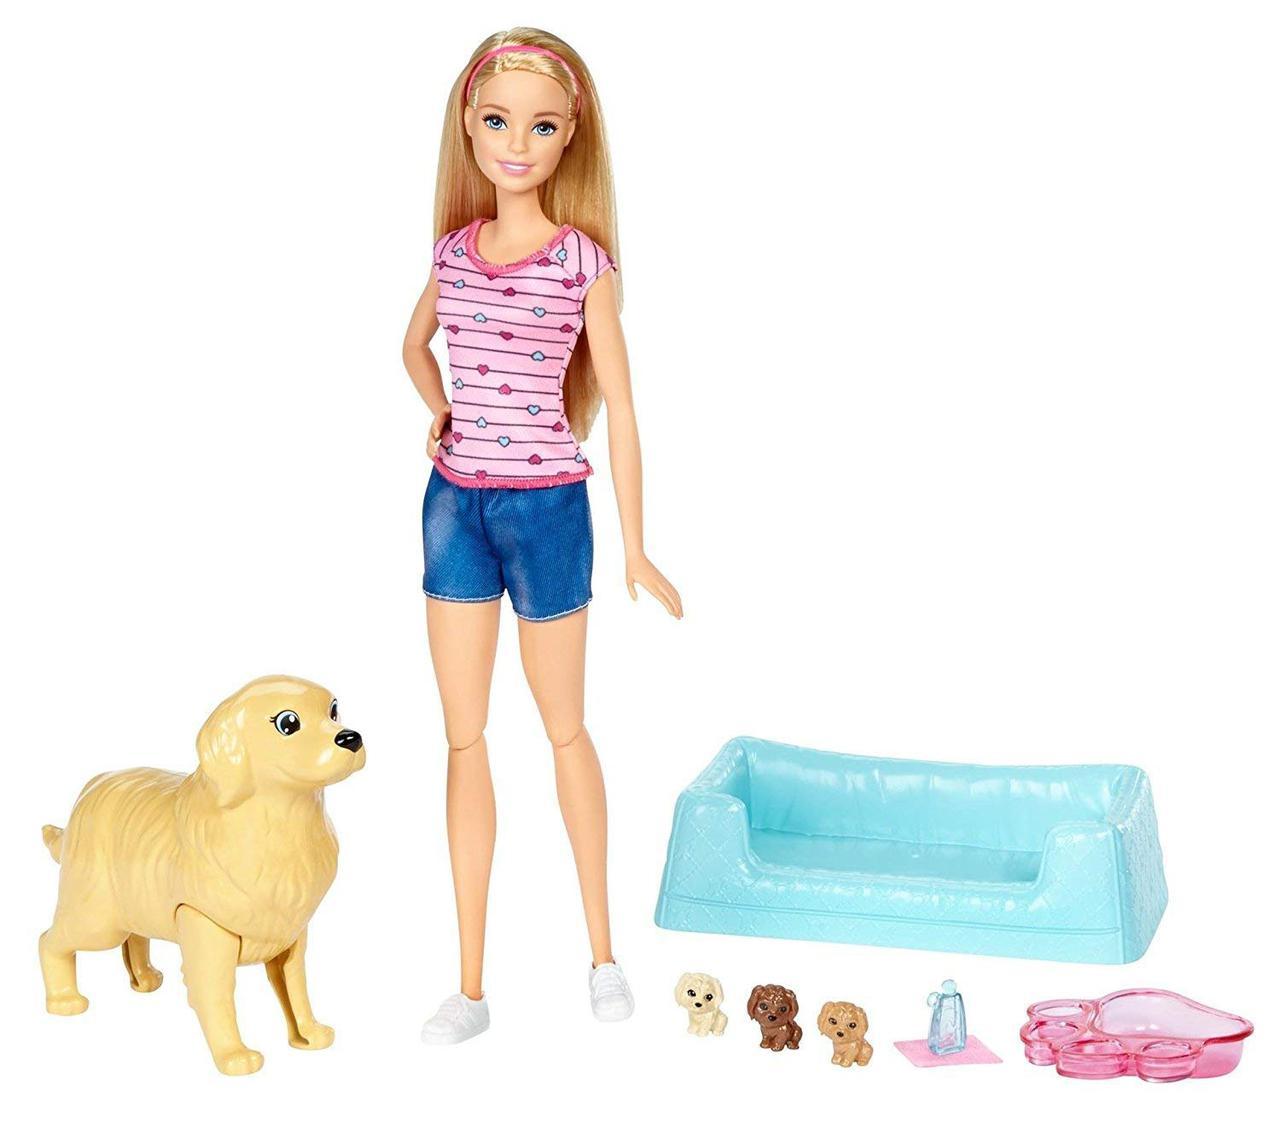 Кукла Барби с собакой и новорожденными щенками Блондинка Barbie Newborn Pups Doll, Blonde